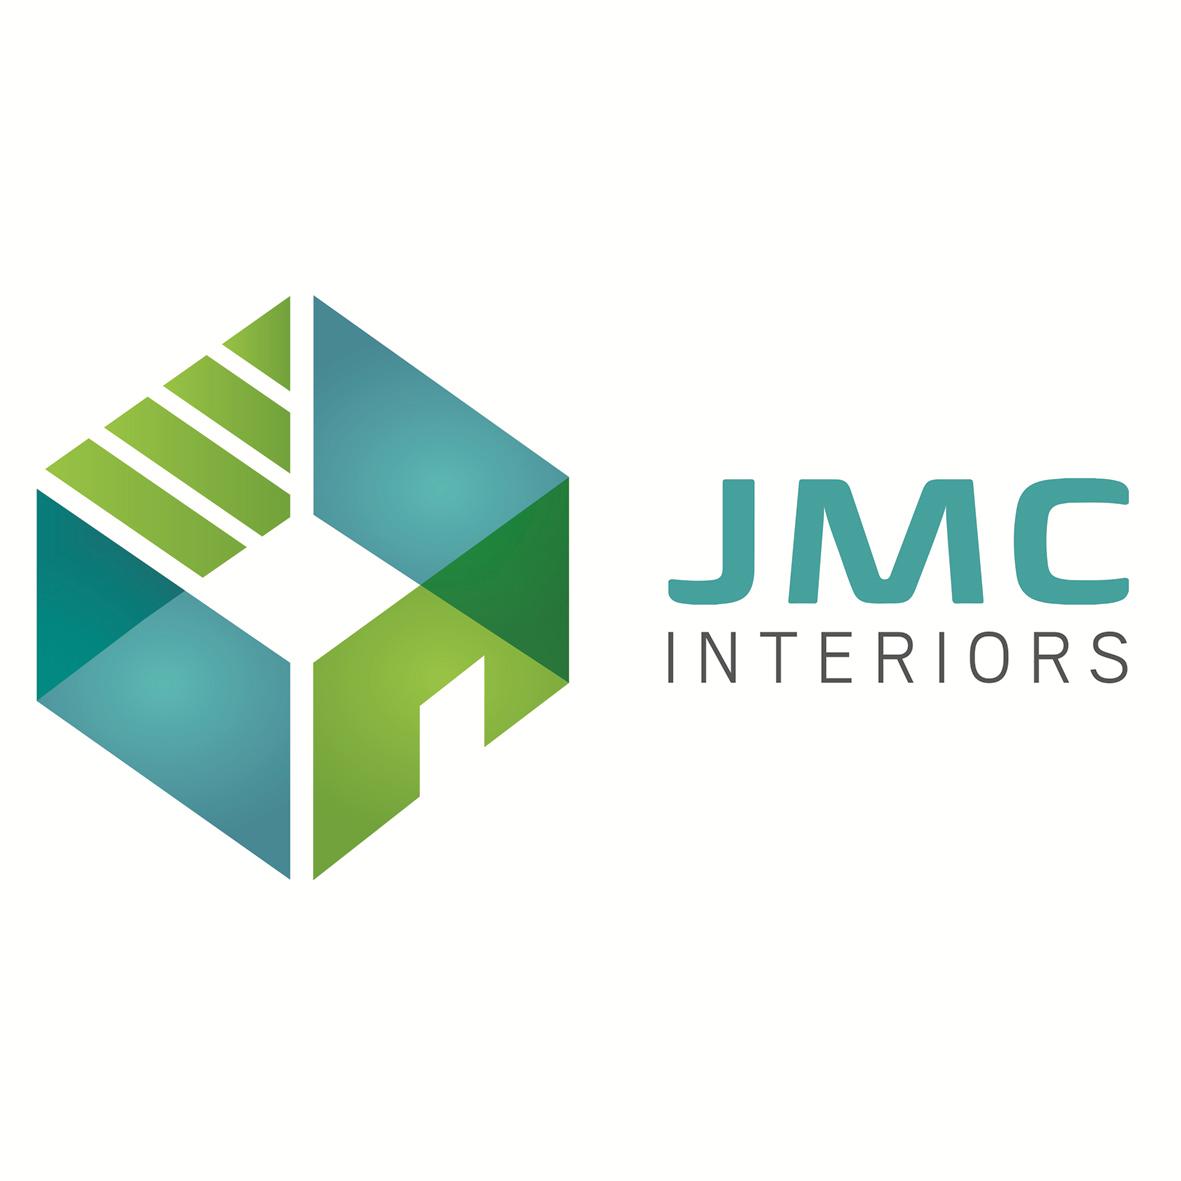 jmcinteriors.com.au